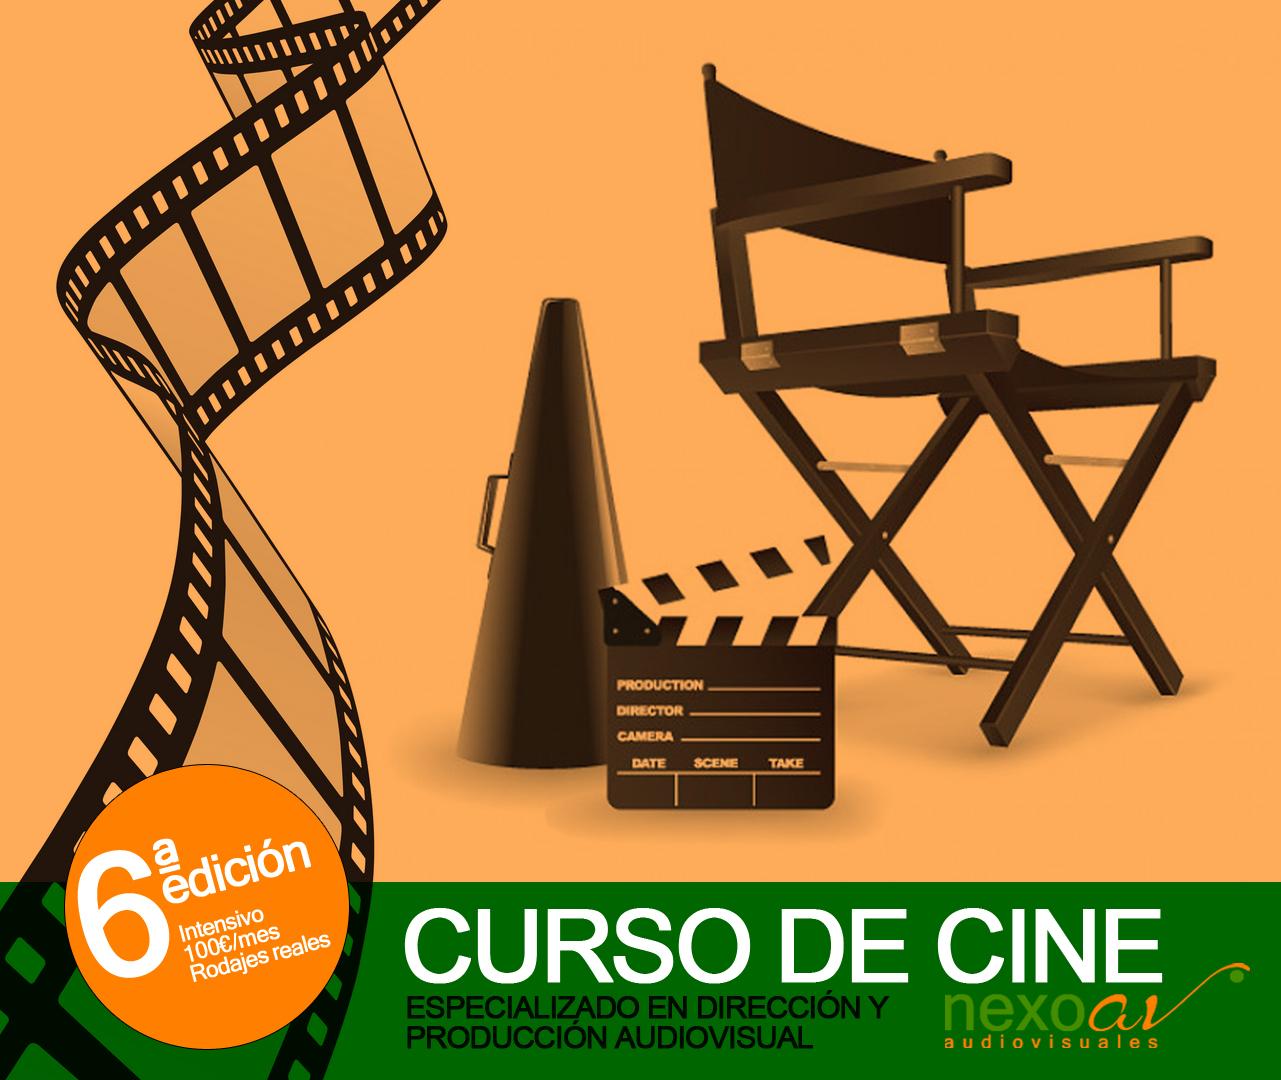 CURSO DE CINE (Especializado en Dirección y Producción